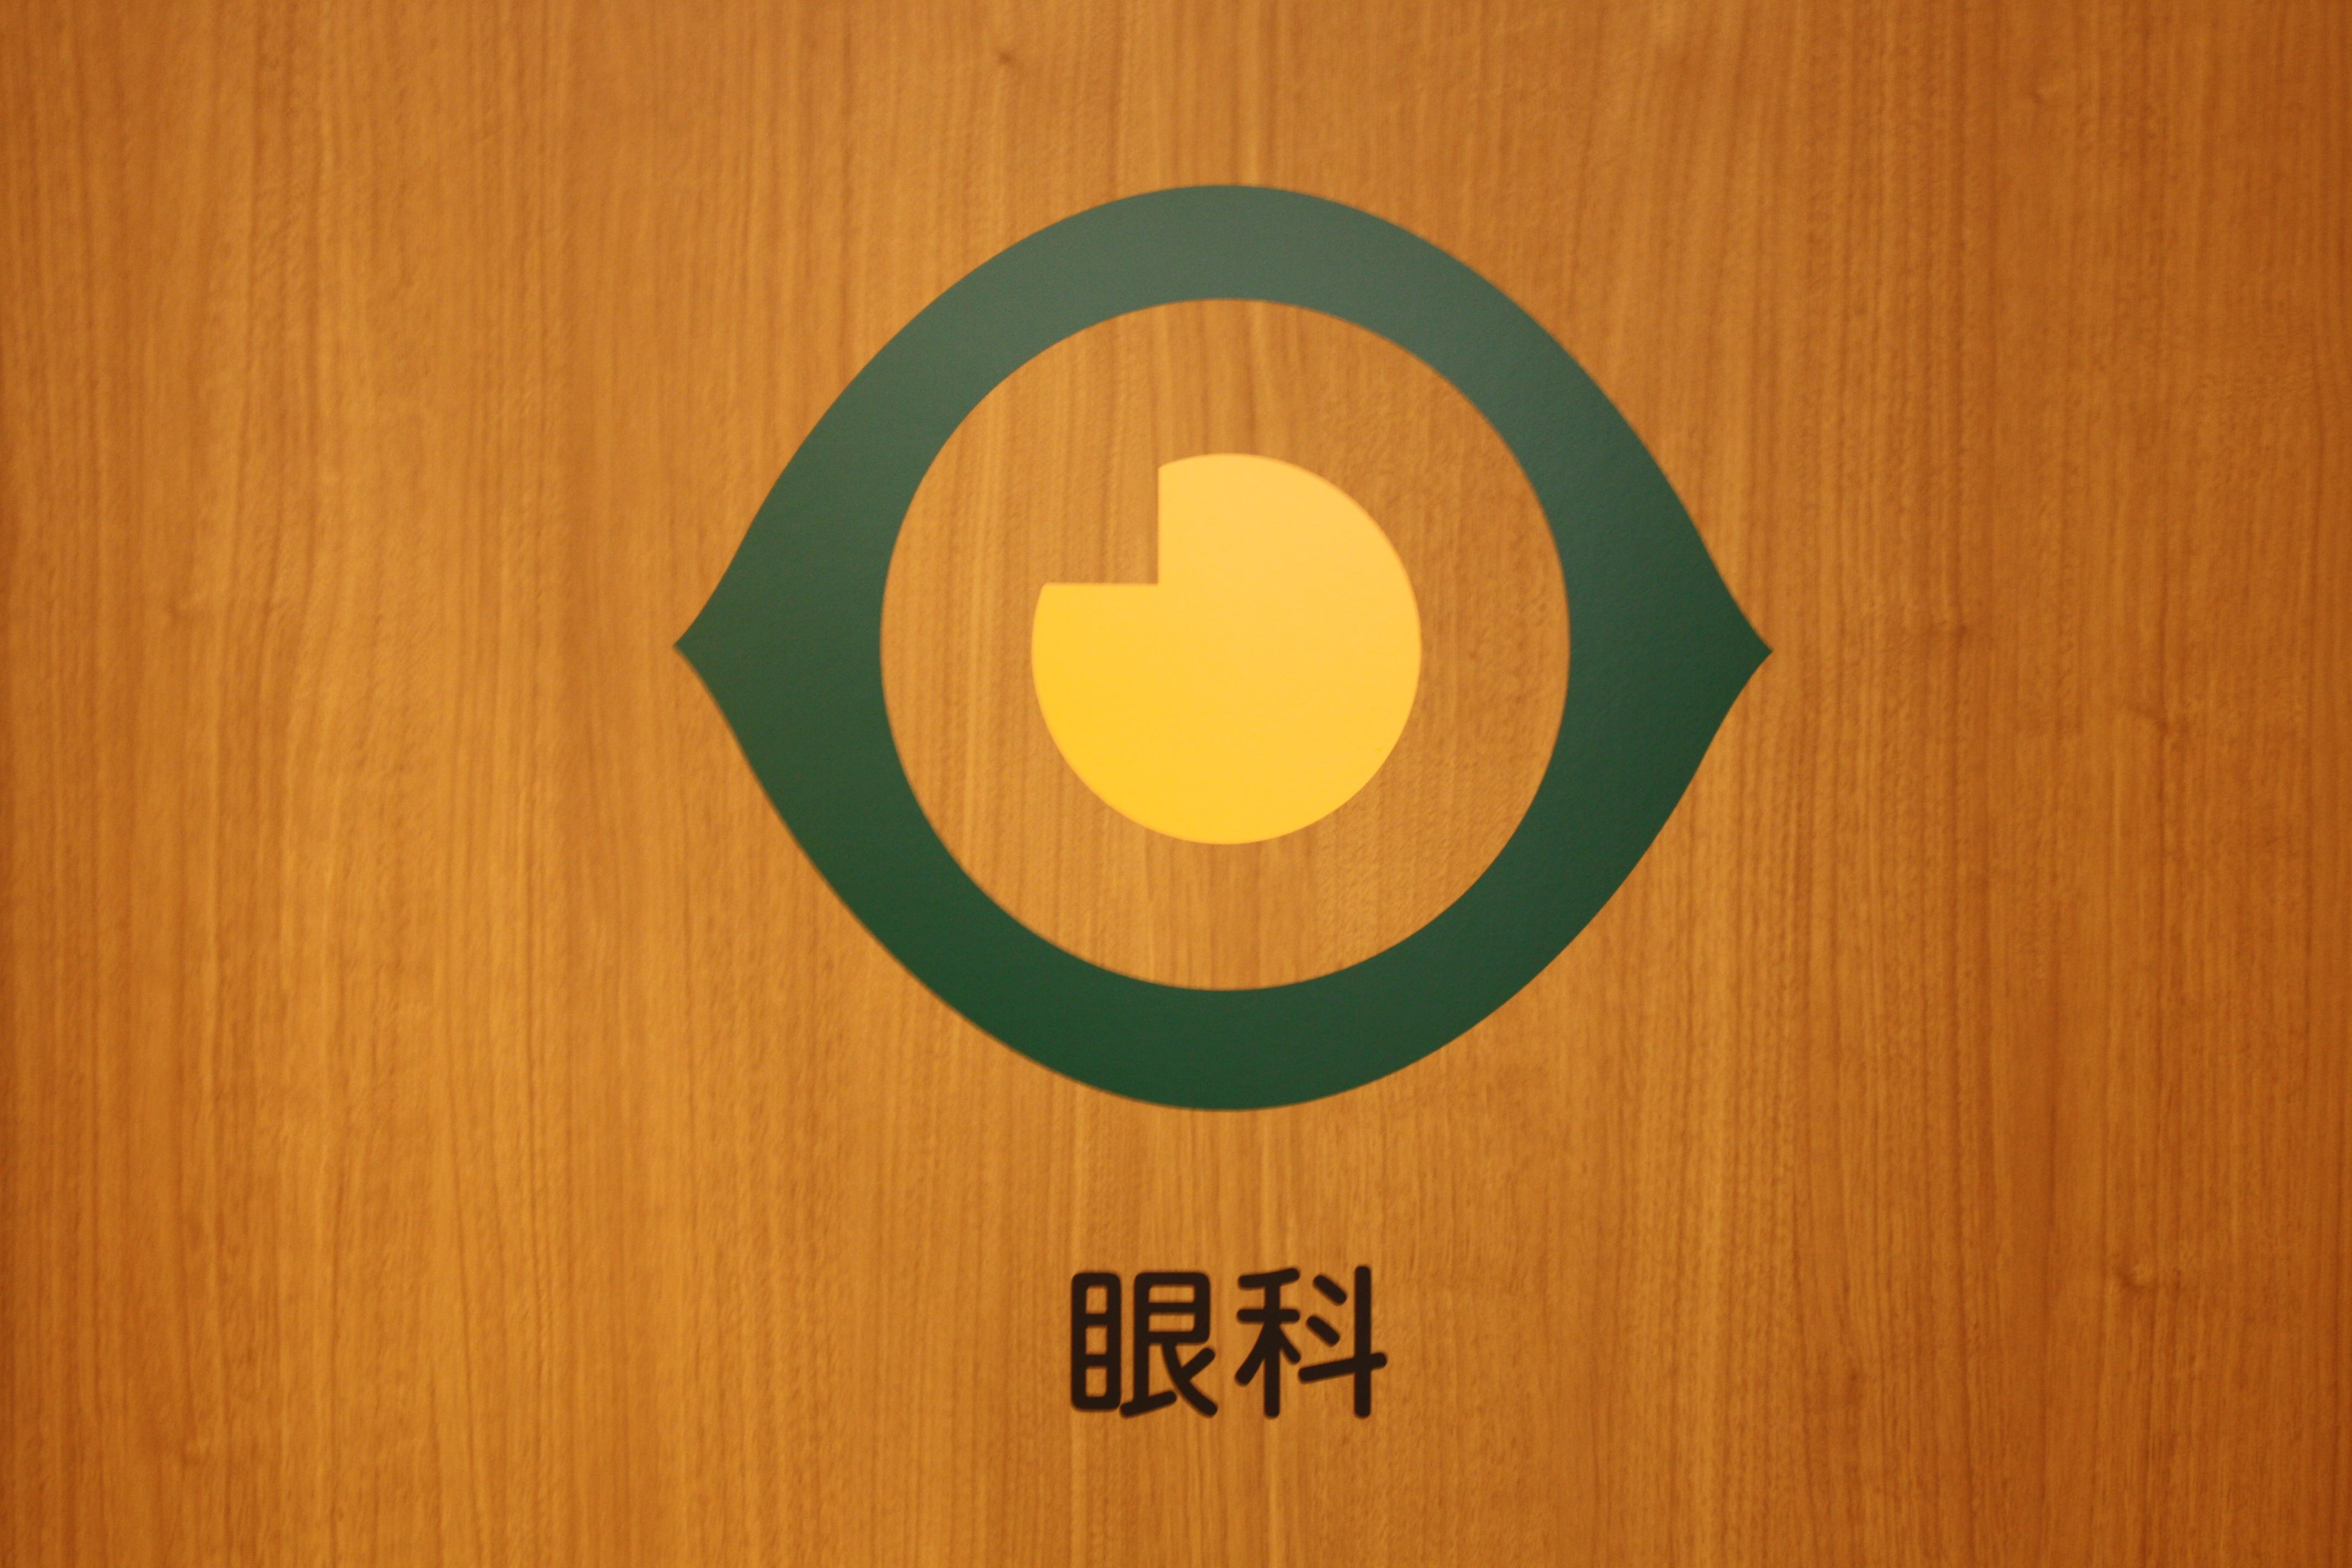 眼科・再生医療・リハビリの専門診療をしています。